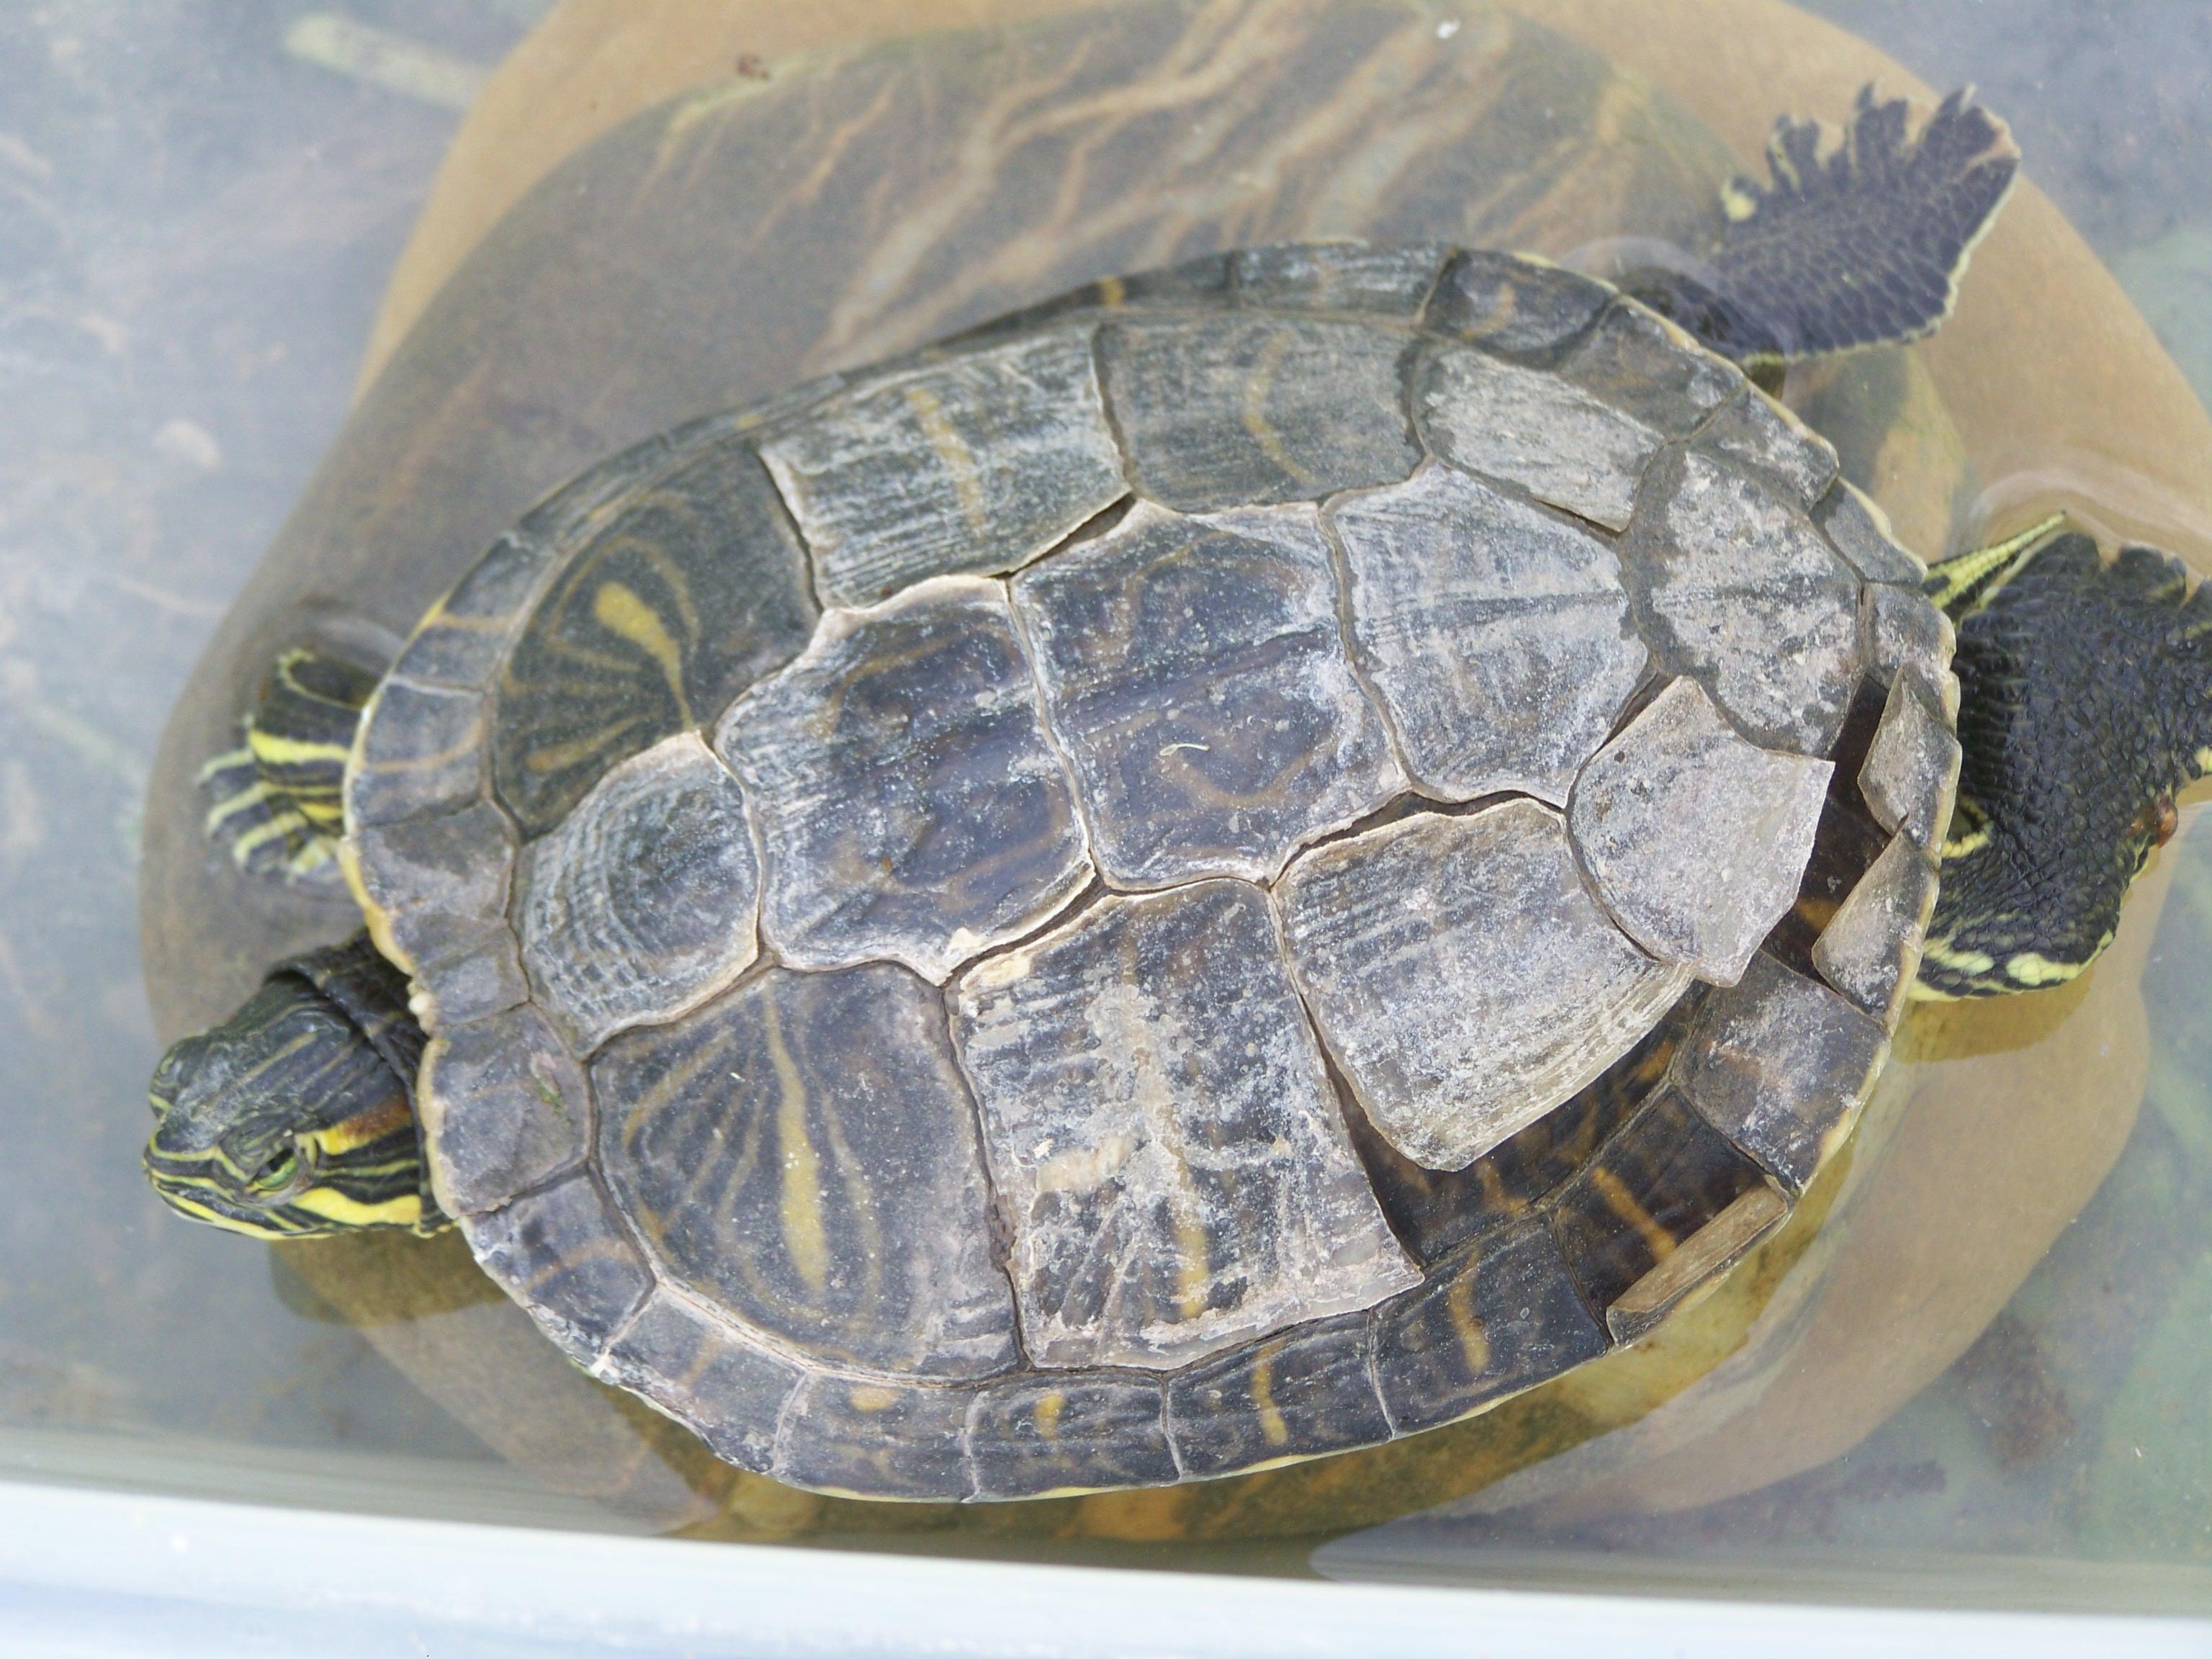 comment passer mes tortues d\'eau a l\'exterieur ??? - Aquariums et ...